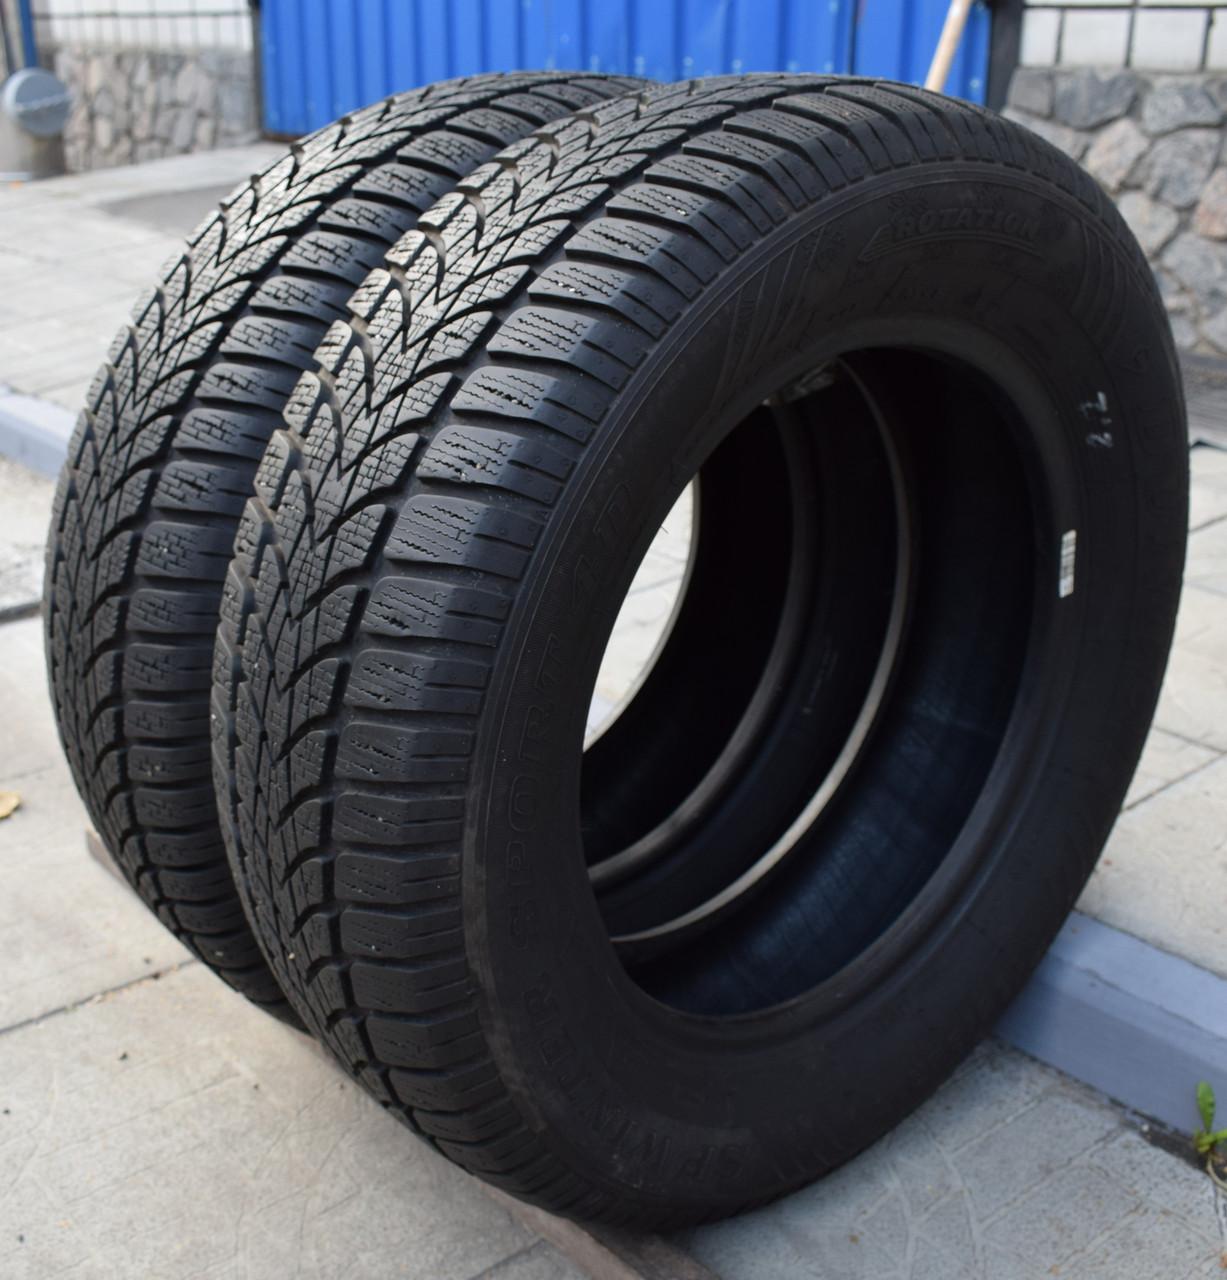 Шины б/у 195/65 R15 Dunlop SP Winter Sport 4D, ЗИМА, 6-7 мм, пара